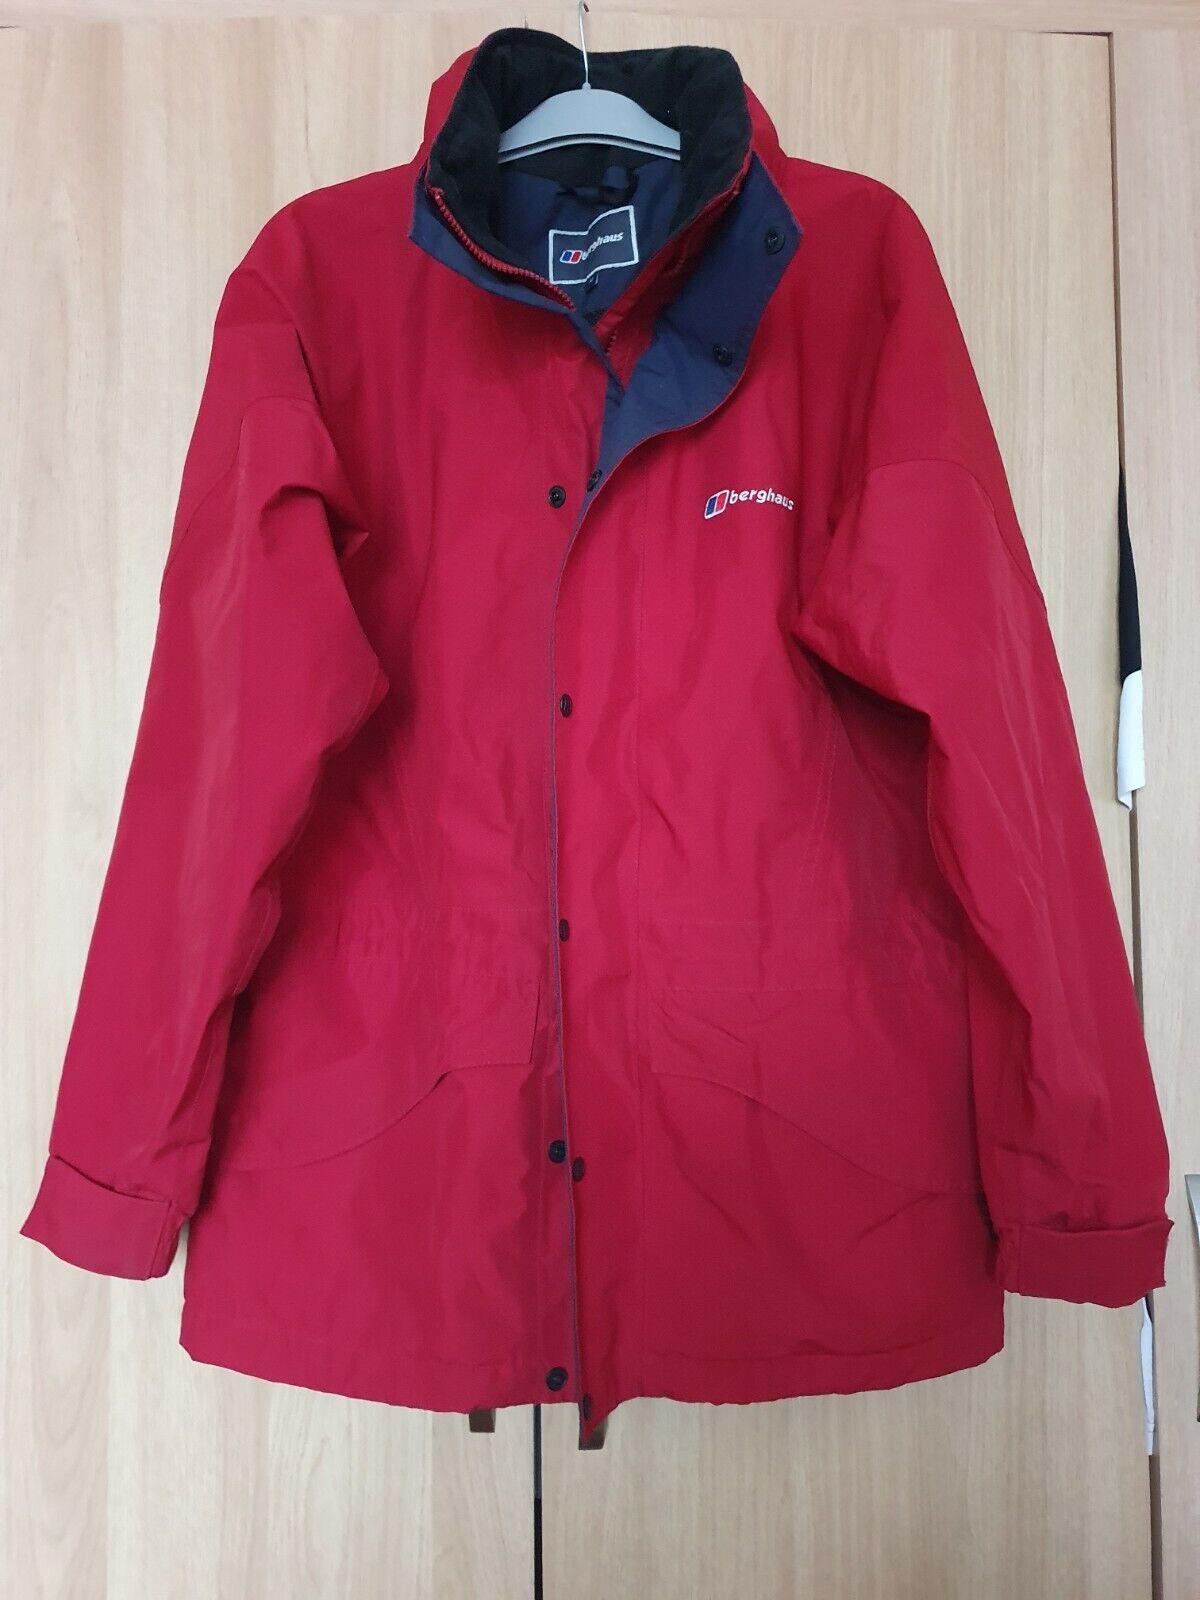 Berghaus Red Gore-tex Waterproof Jacket Size 12 Hood In Collar